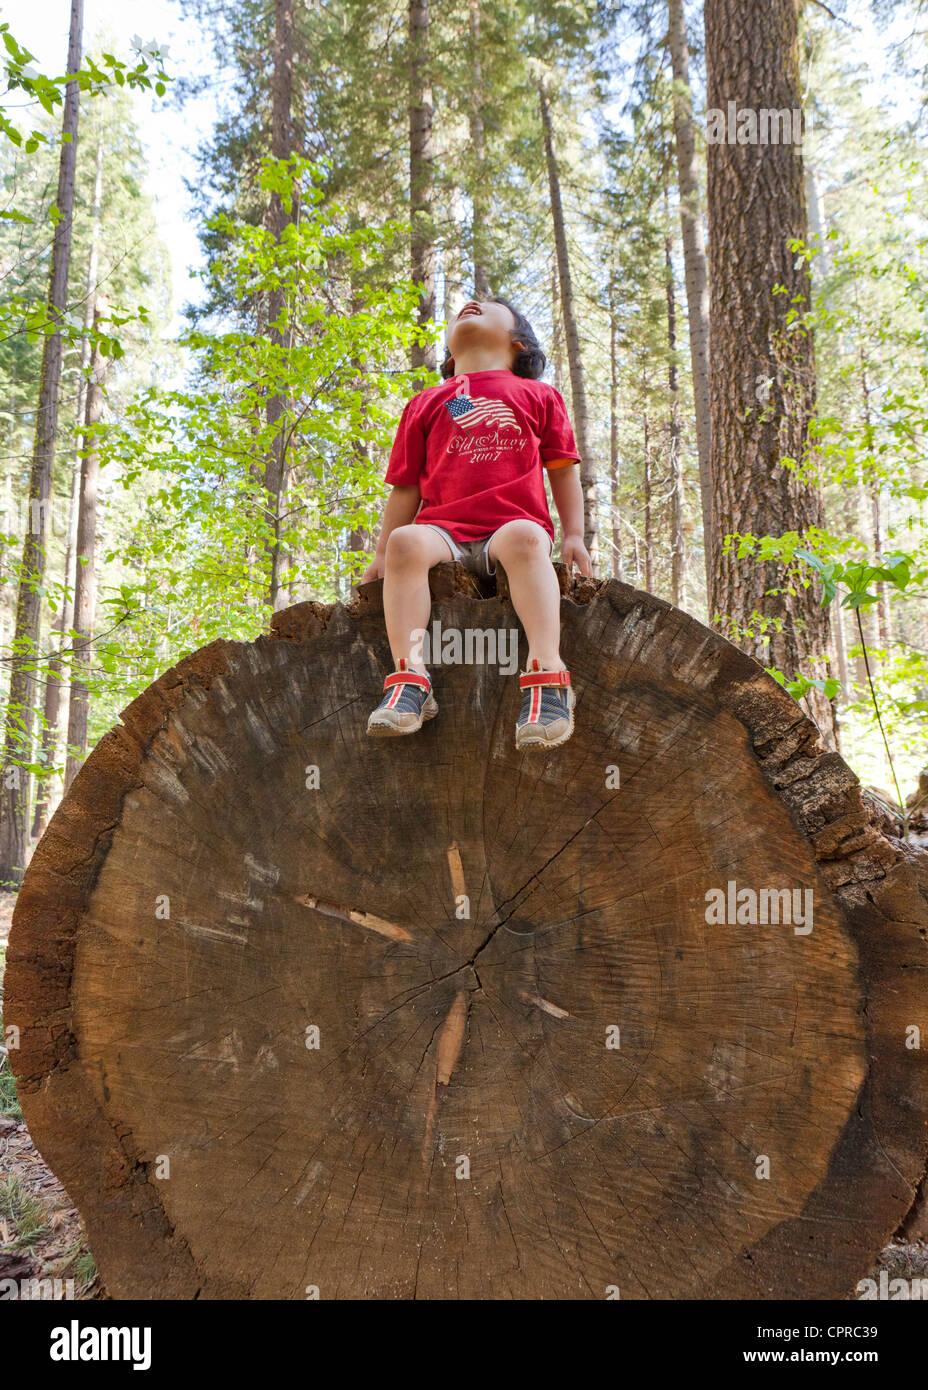 Boy sitting on large log - Stock Image